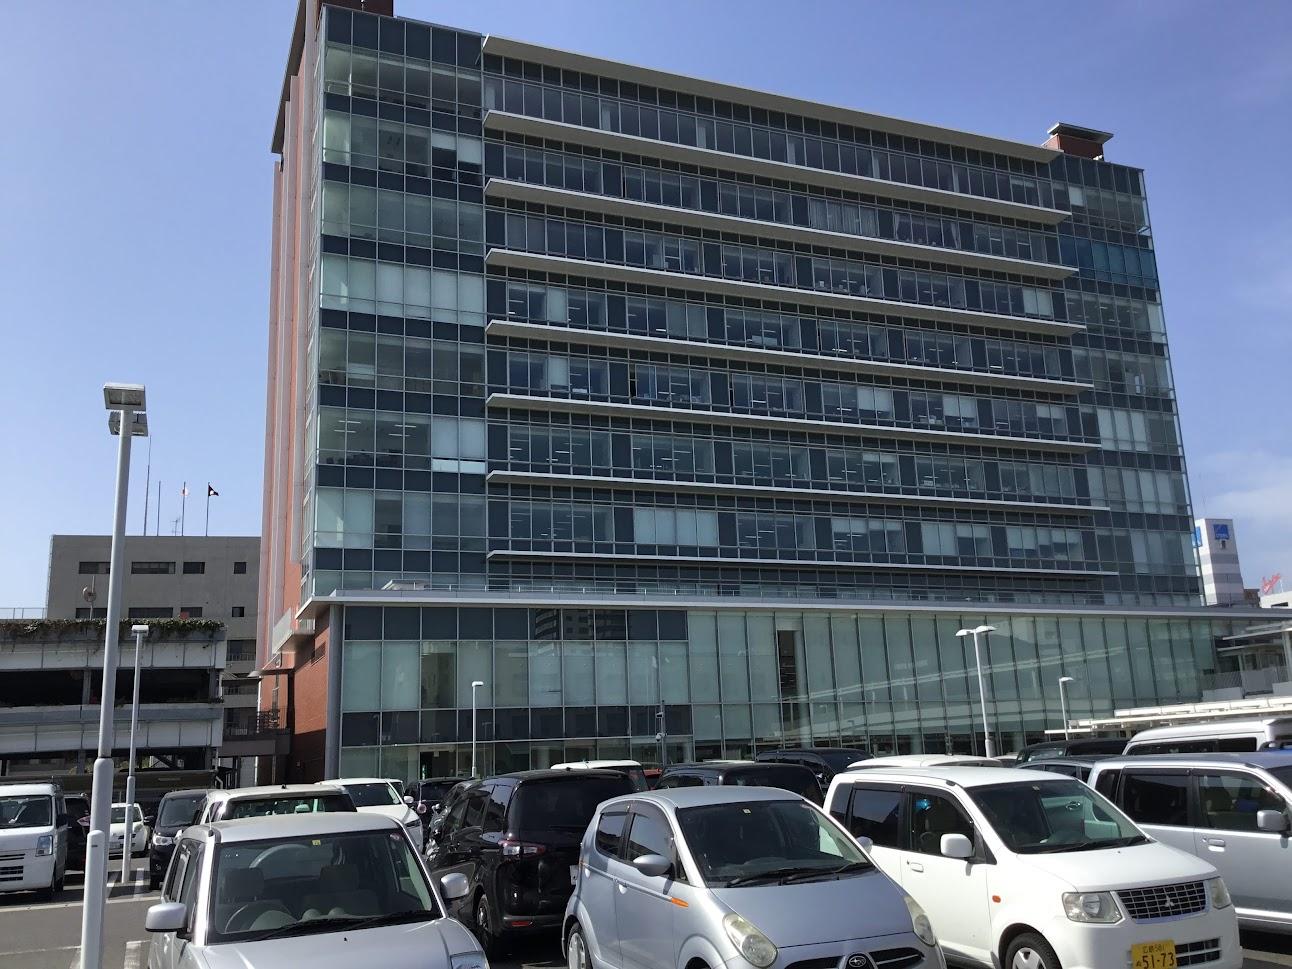 東広島市役所10階レストラン・カフェGaLLeria-Aliceの日替わりランチが食べたかった!